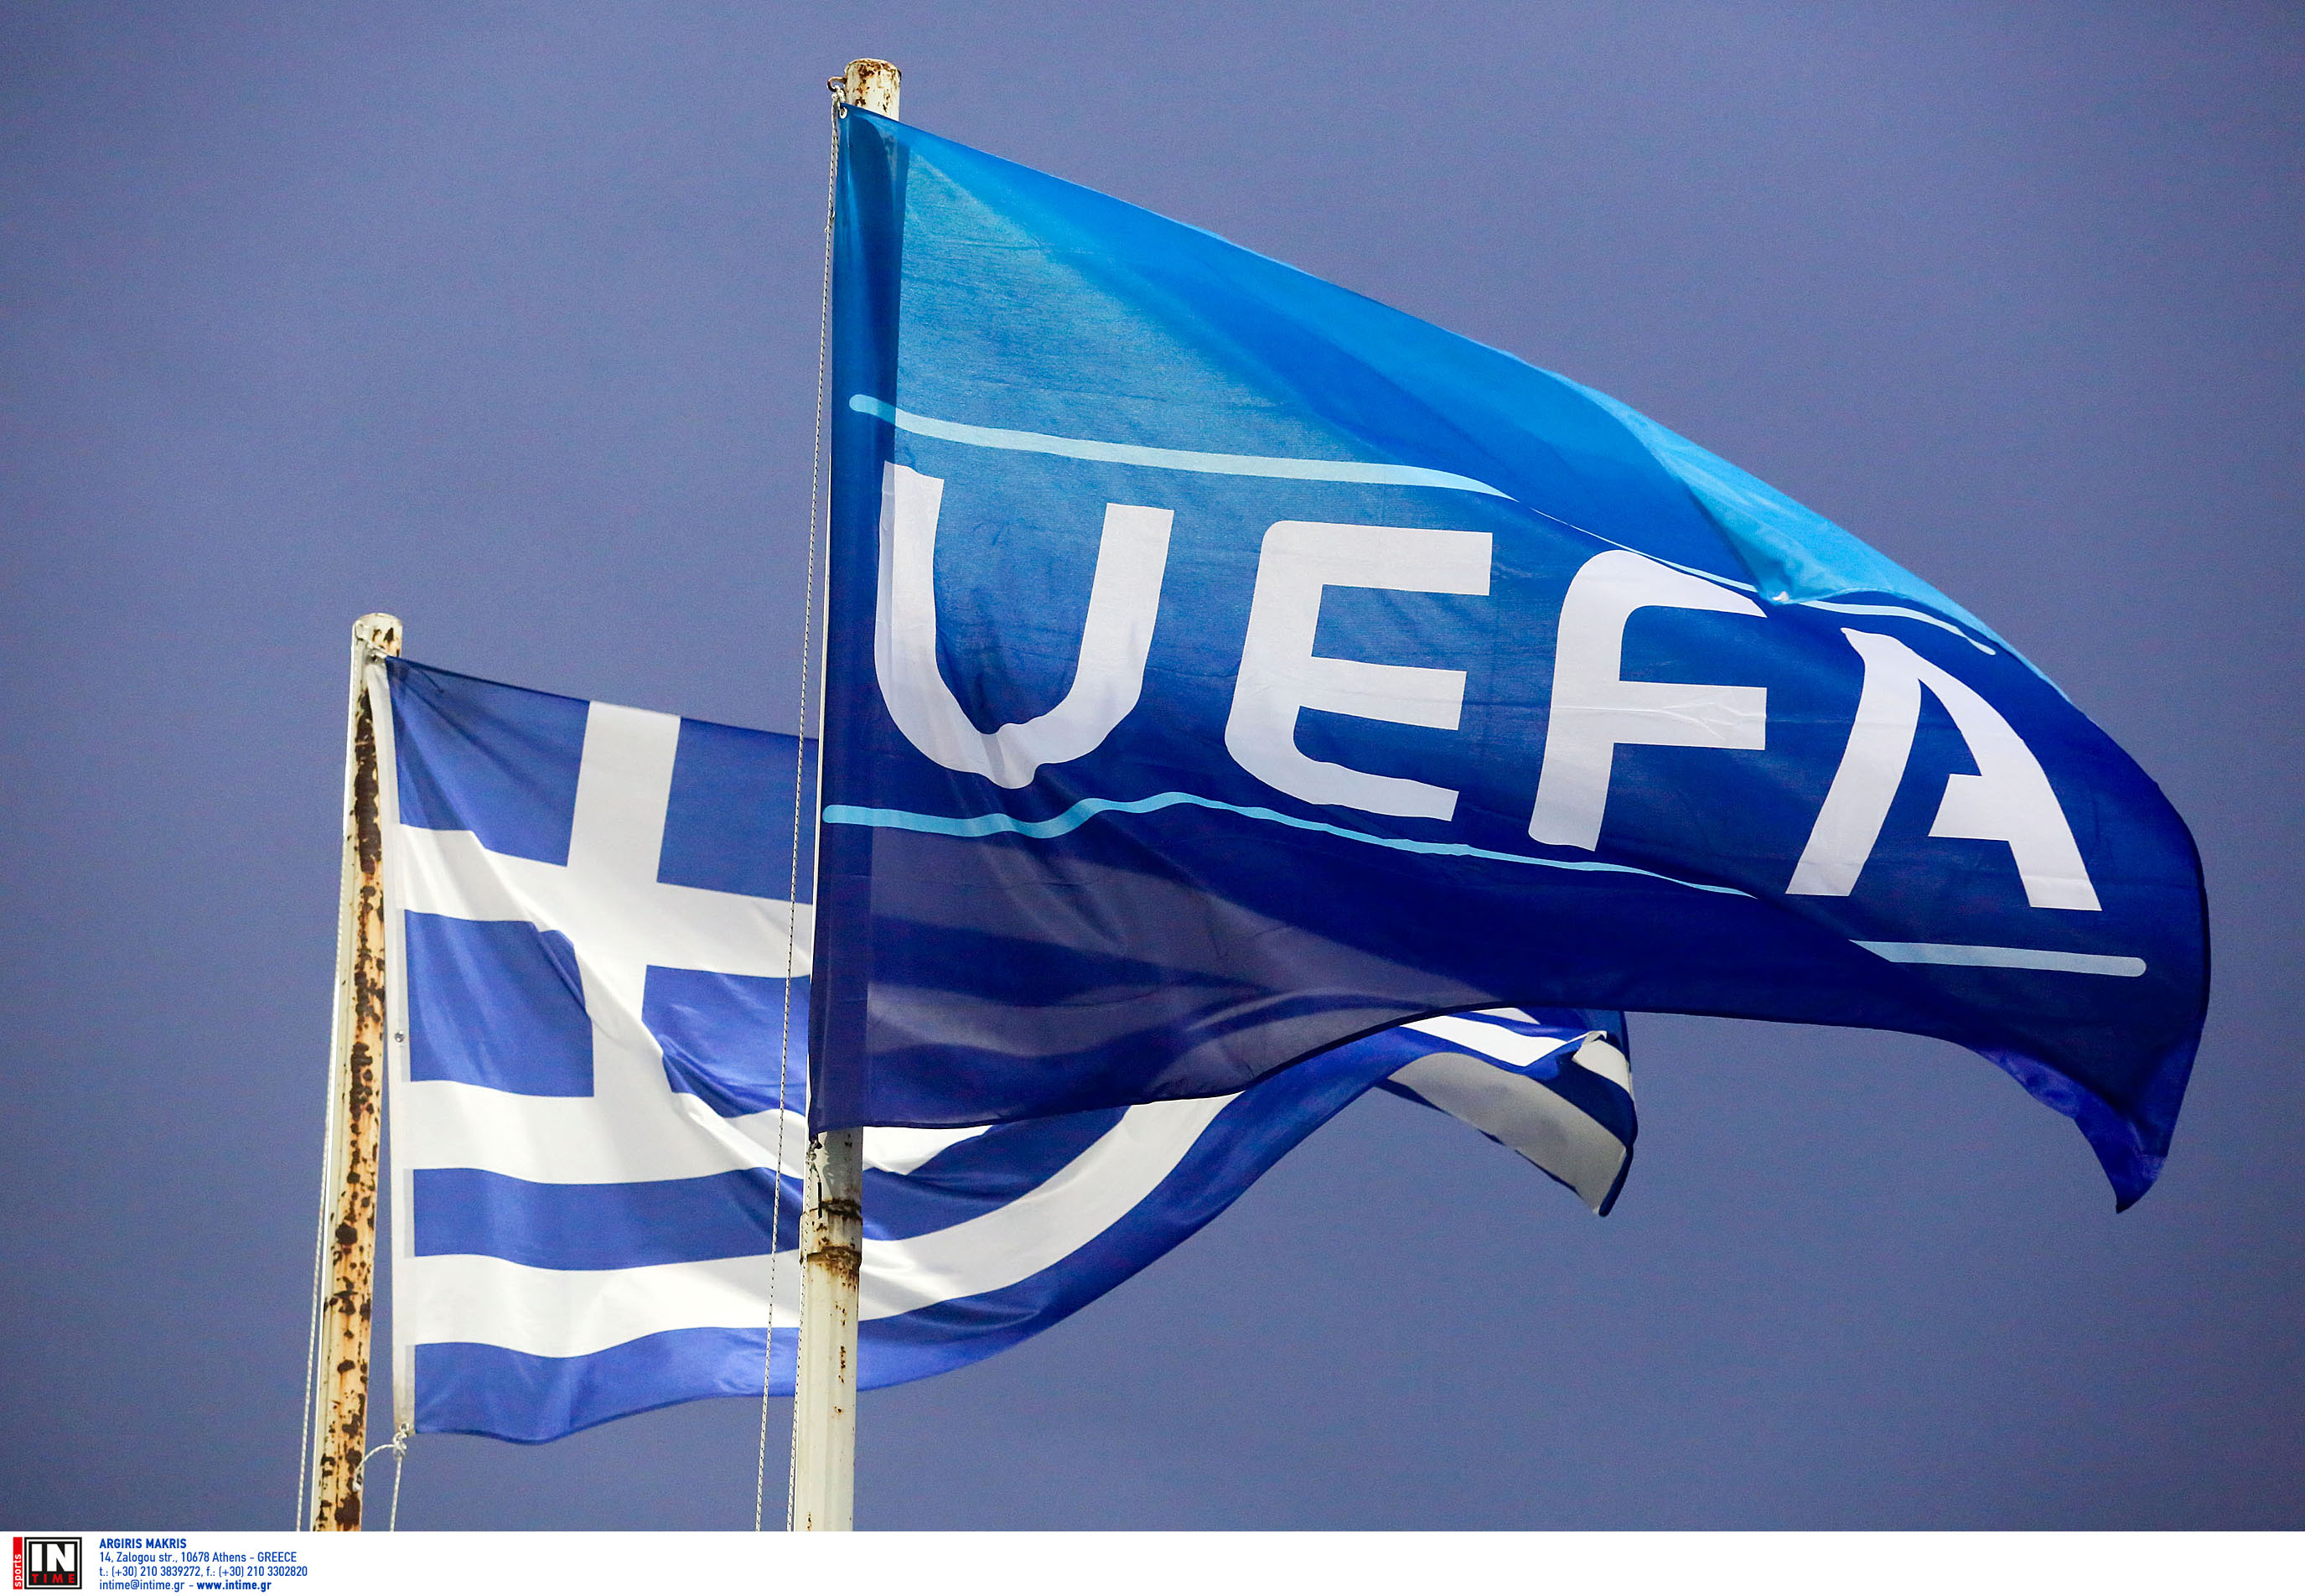 """Βαθμολογία UEFA: """"Πάγωσε"""" η Ελλάδα μετά τους αποκλεισμούς ΟΦΗ κι Άρη!"""